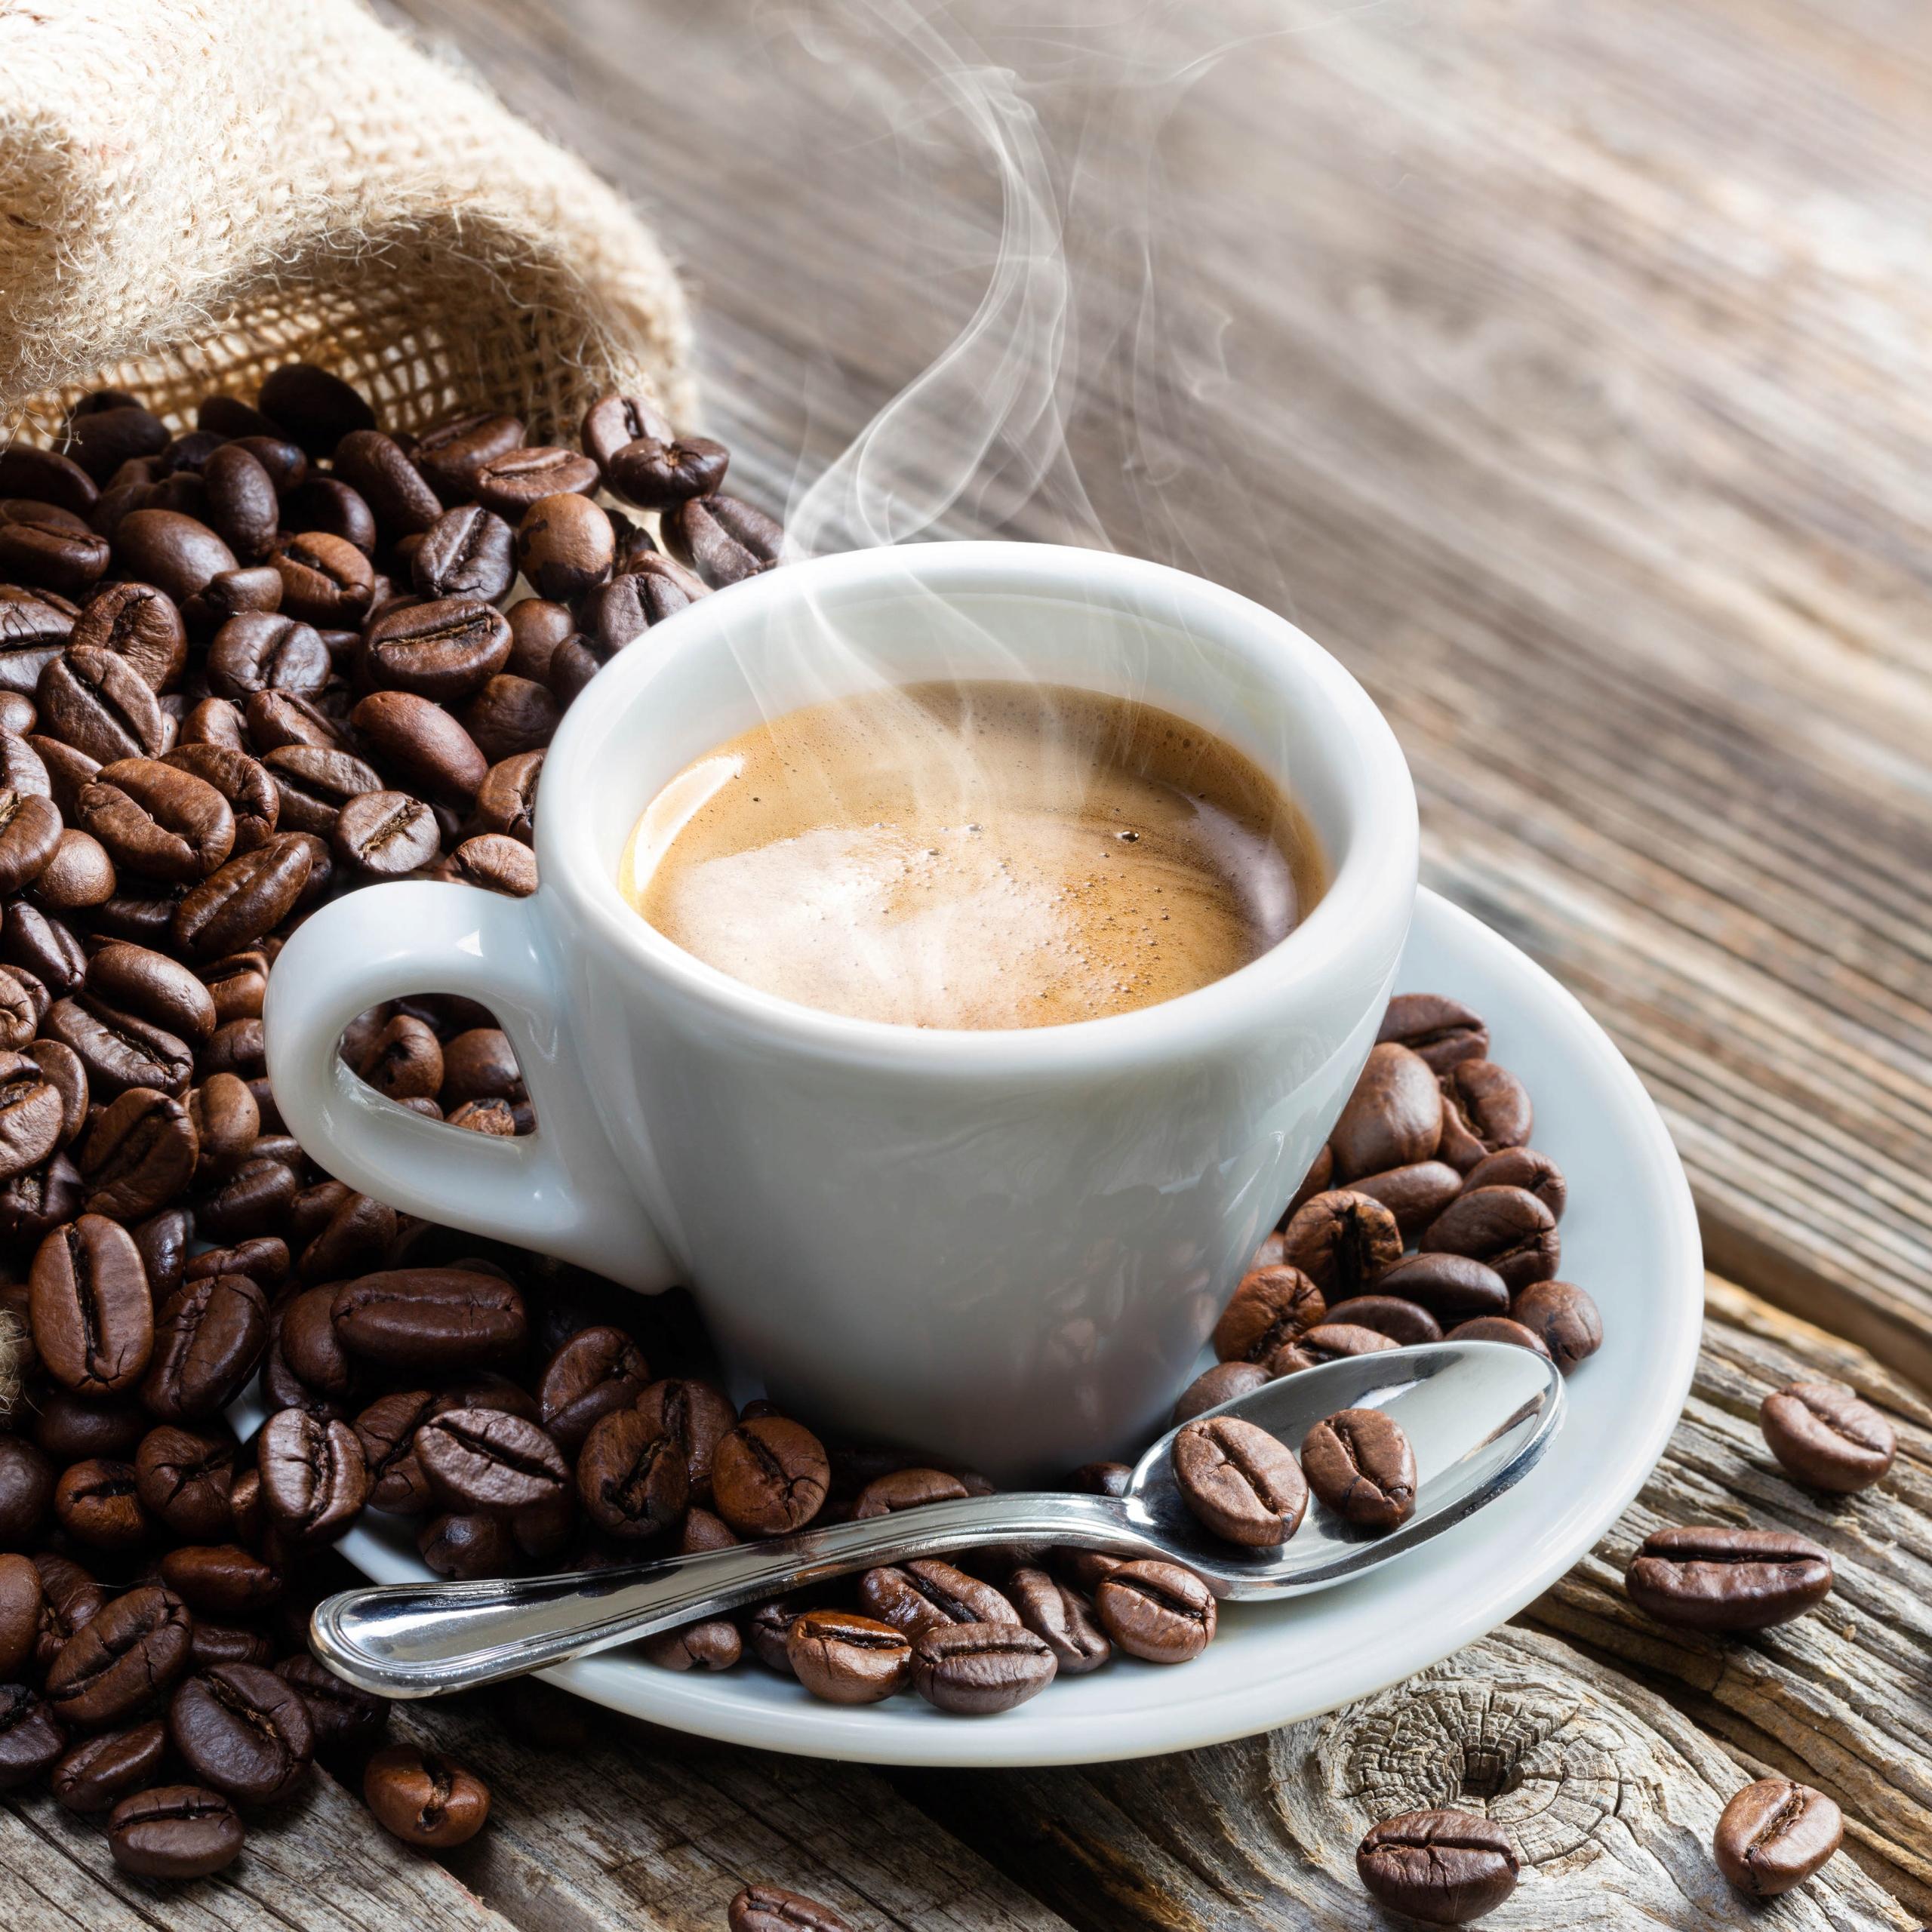 Кофеварка под давлением 15 БАР капучино 850 Вт Давление 15 бар